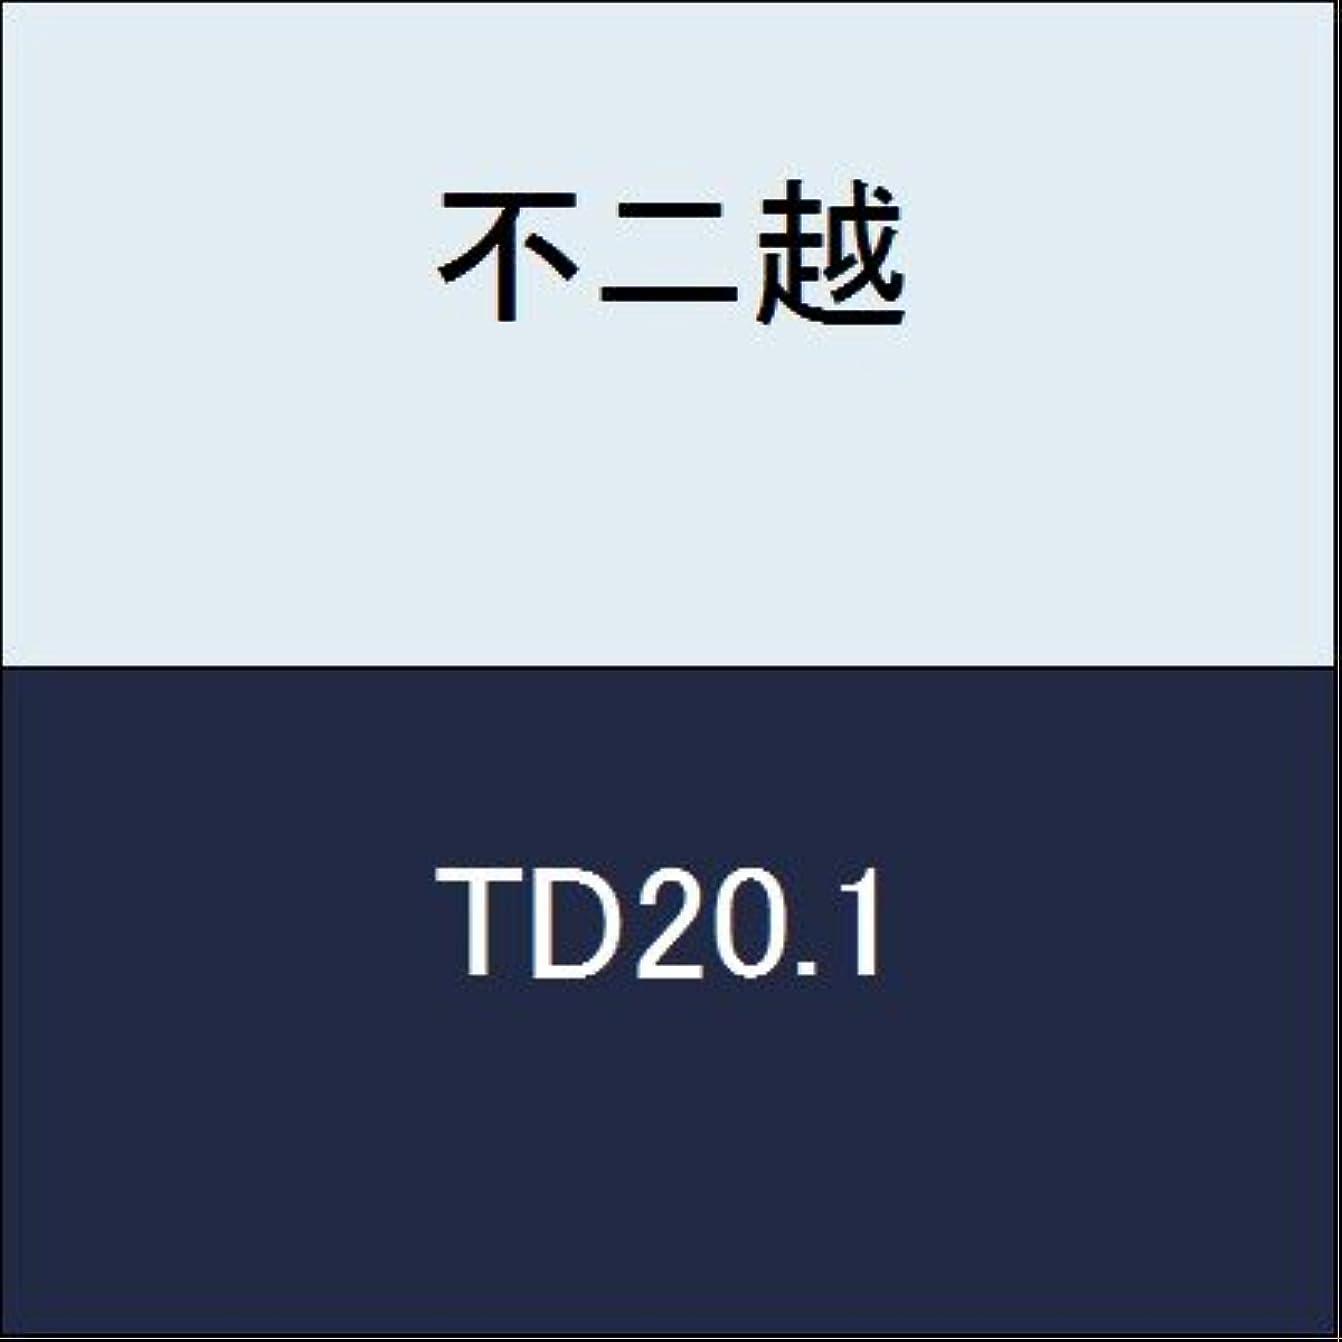 パケットソース悪夢不二越 切削工具 テーパードリル TD20.1